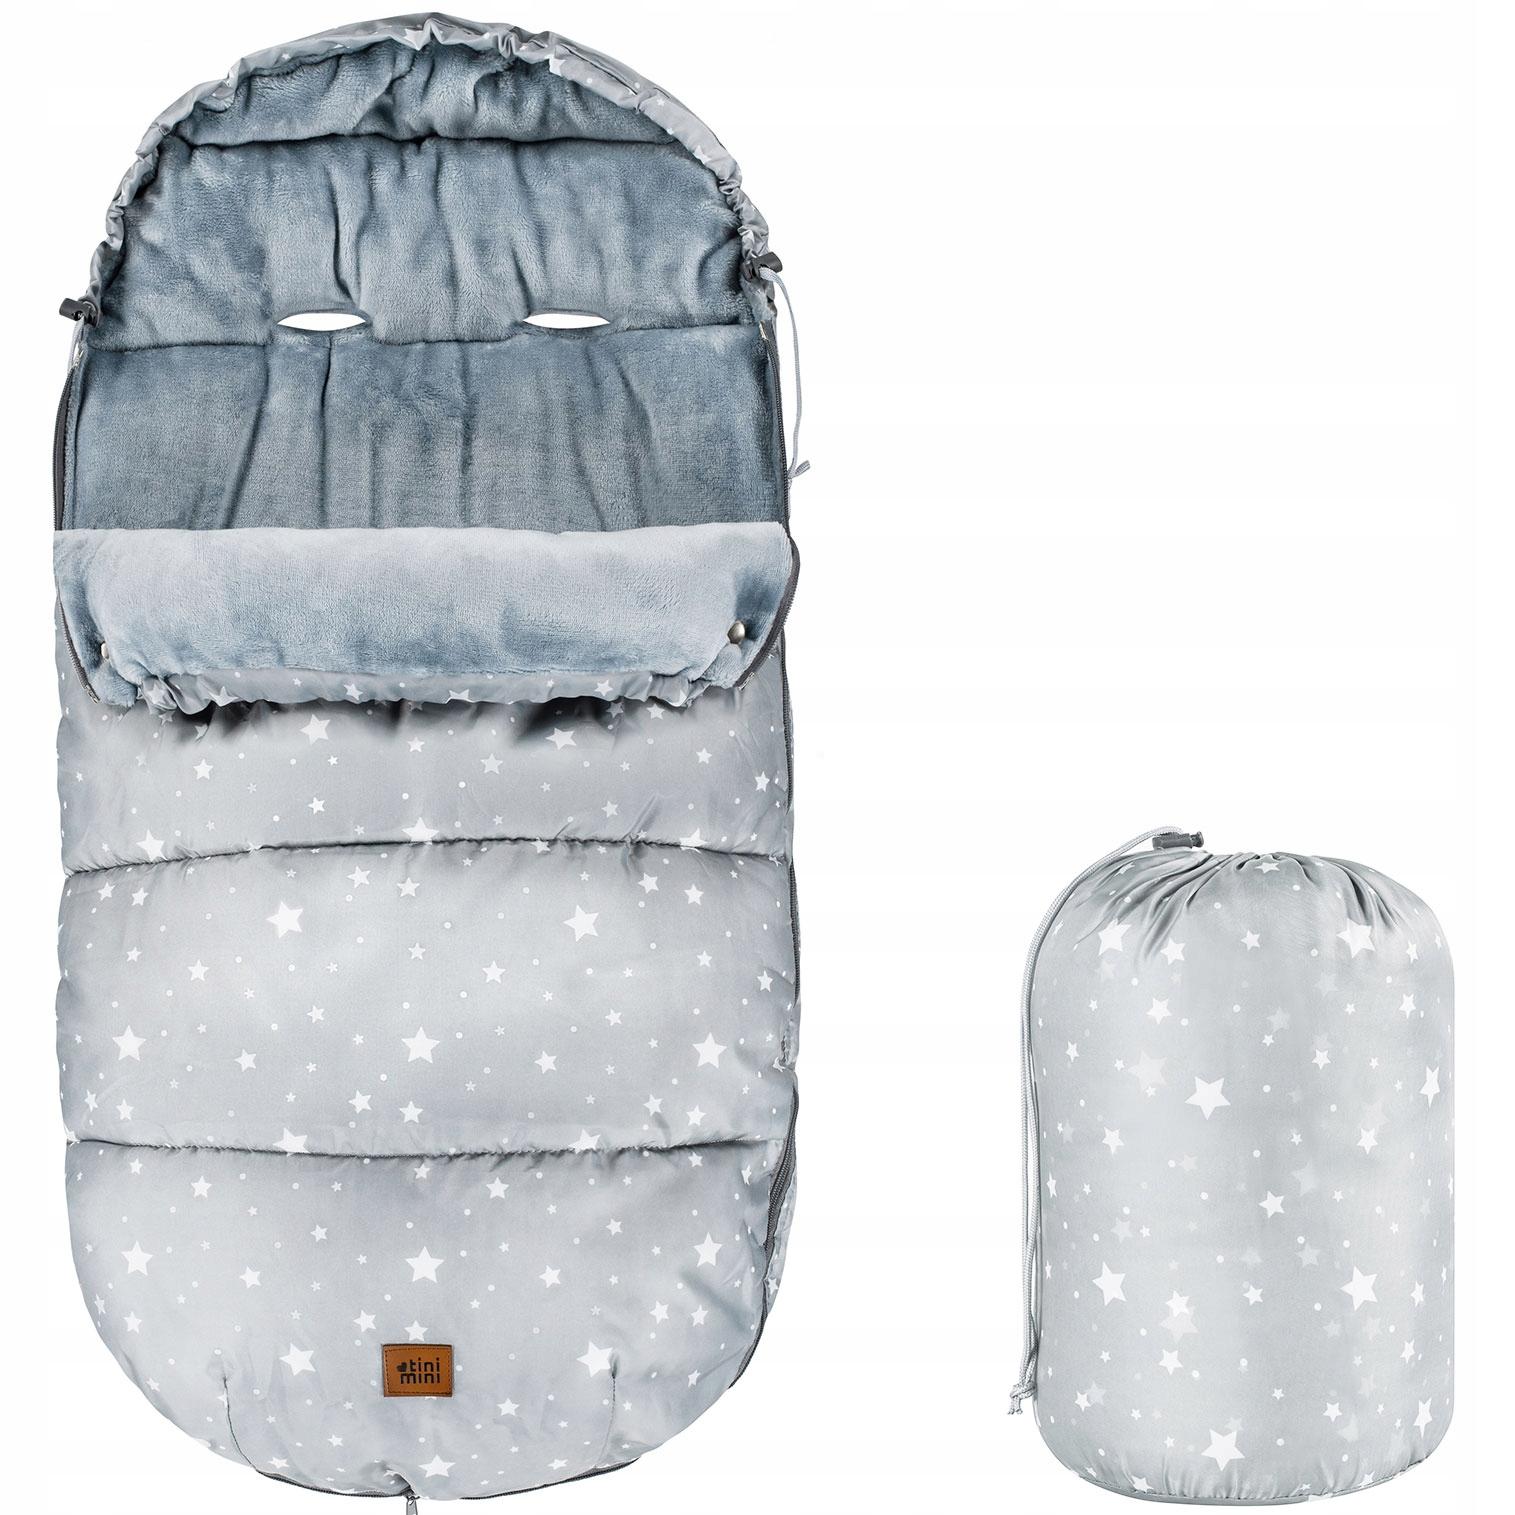 Спальный мешок для санок-тележки от TiniMini Models